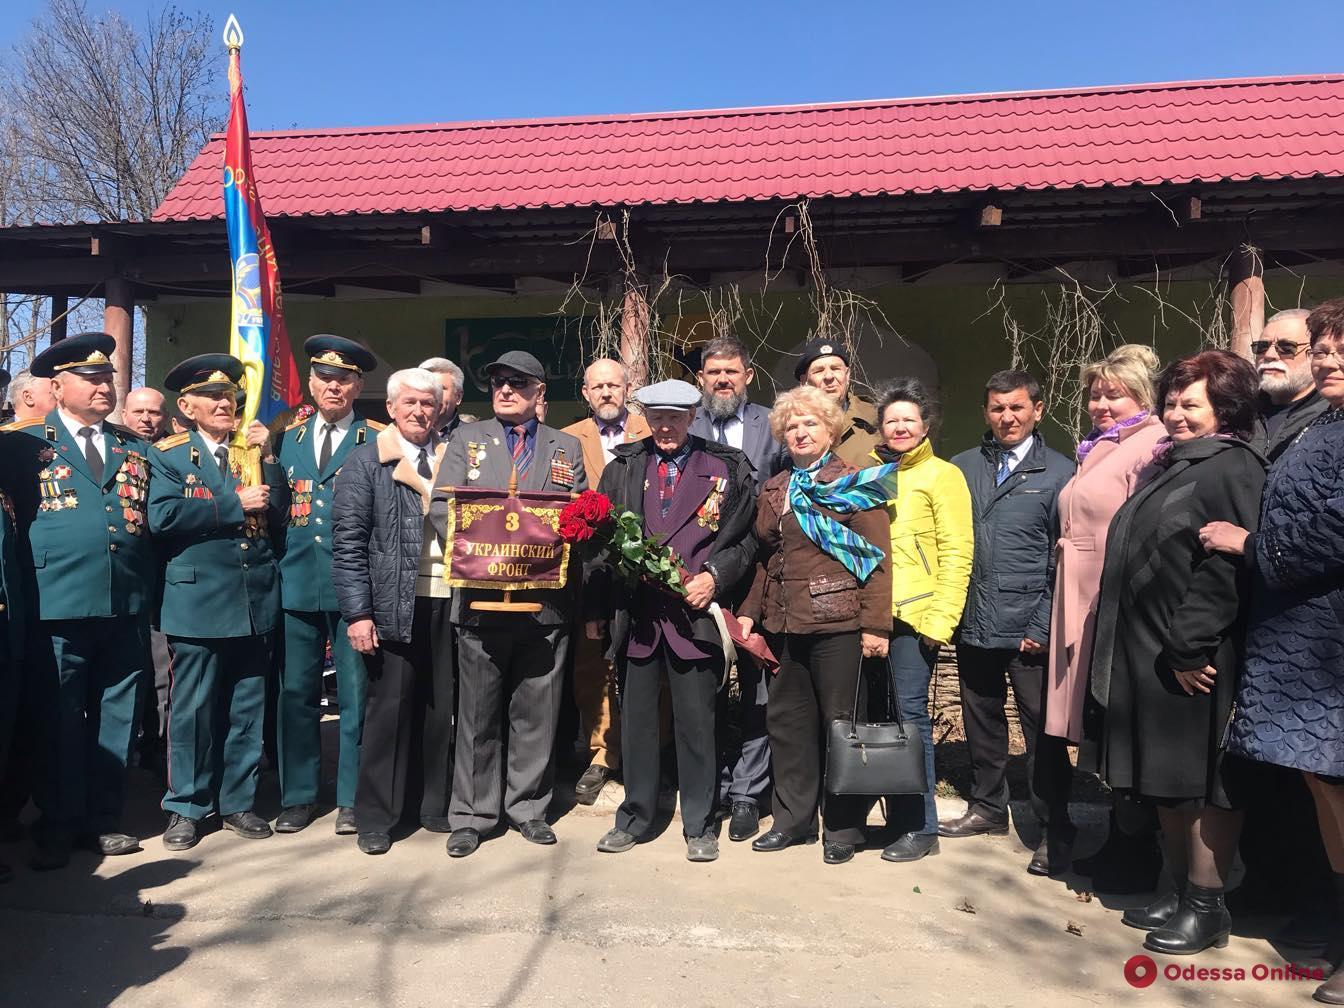 Одесская область приняла эстафету памяти «Слава освободителям Украины»